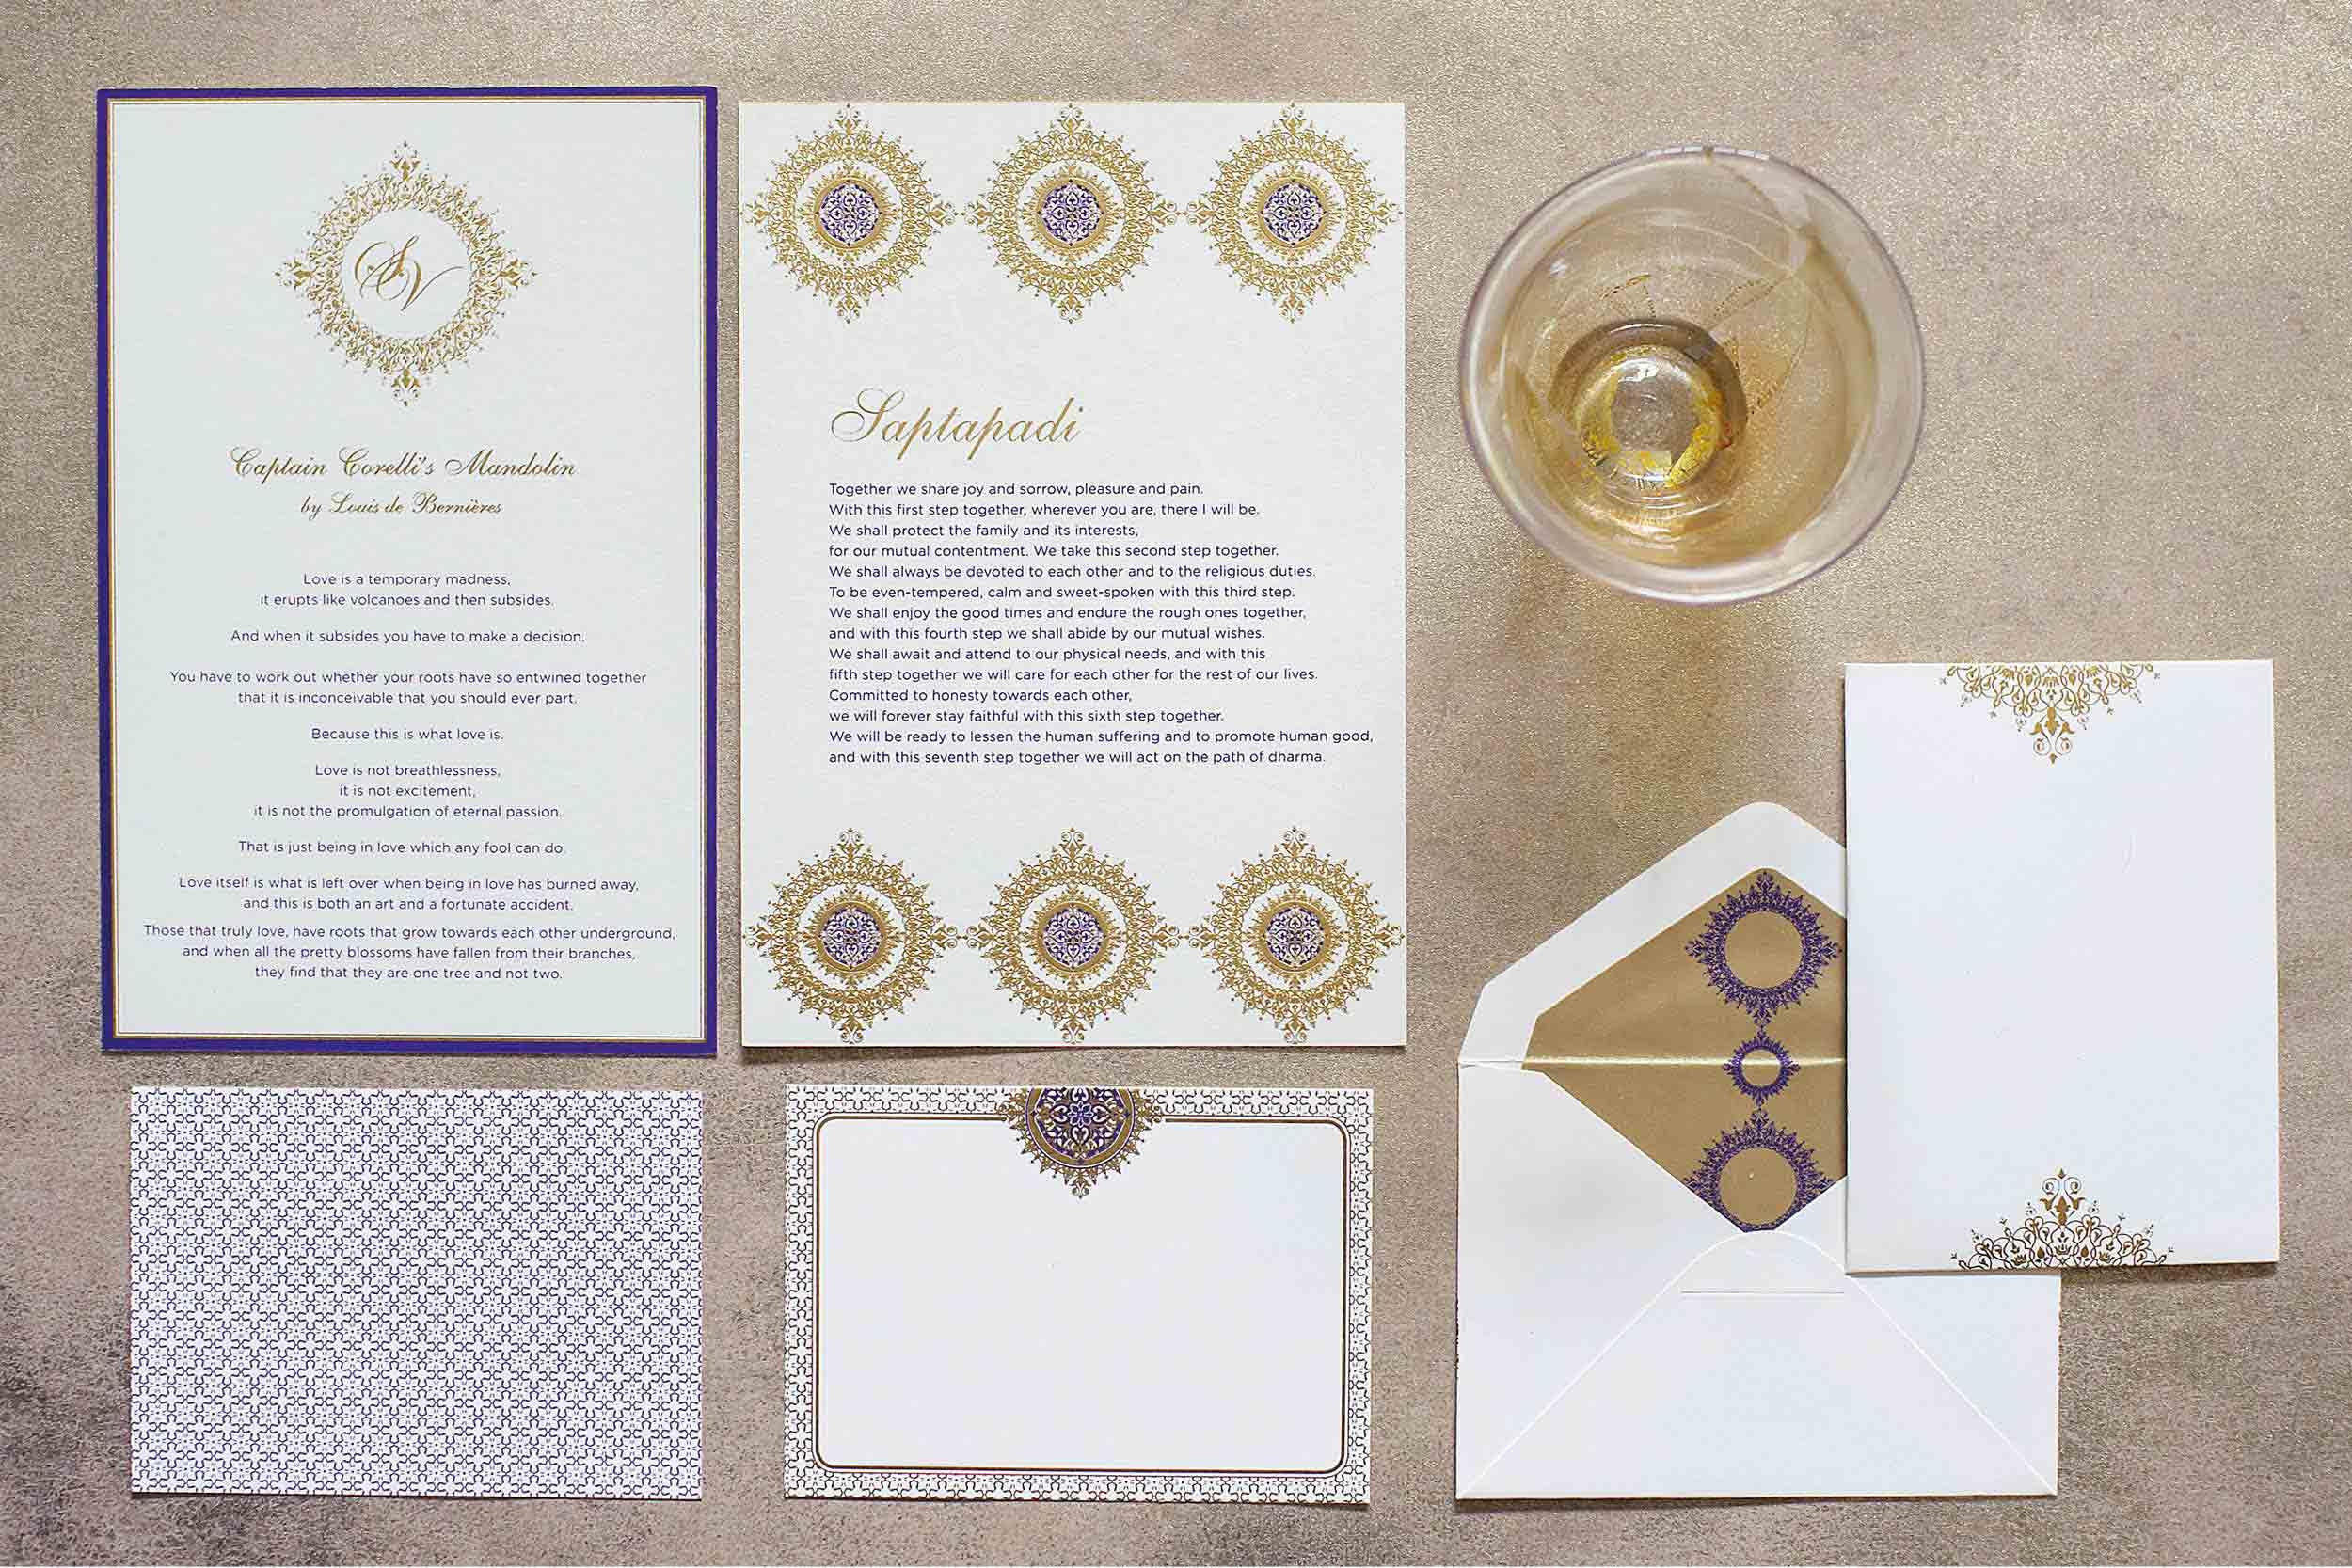 bespoke_wedding_stationery_mandala_ananyacards.com-04.jpg